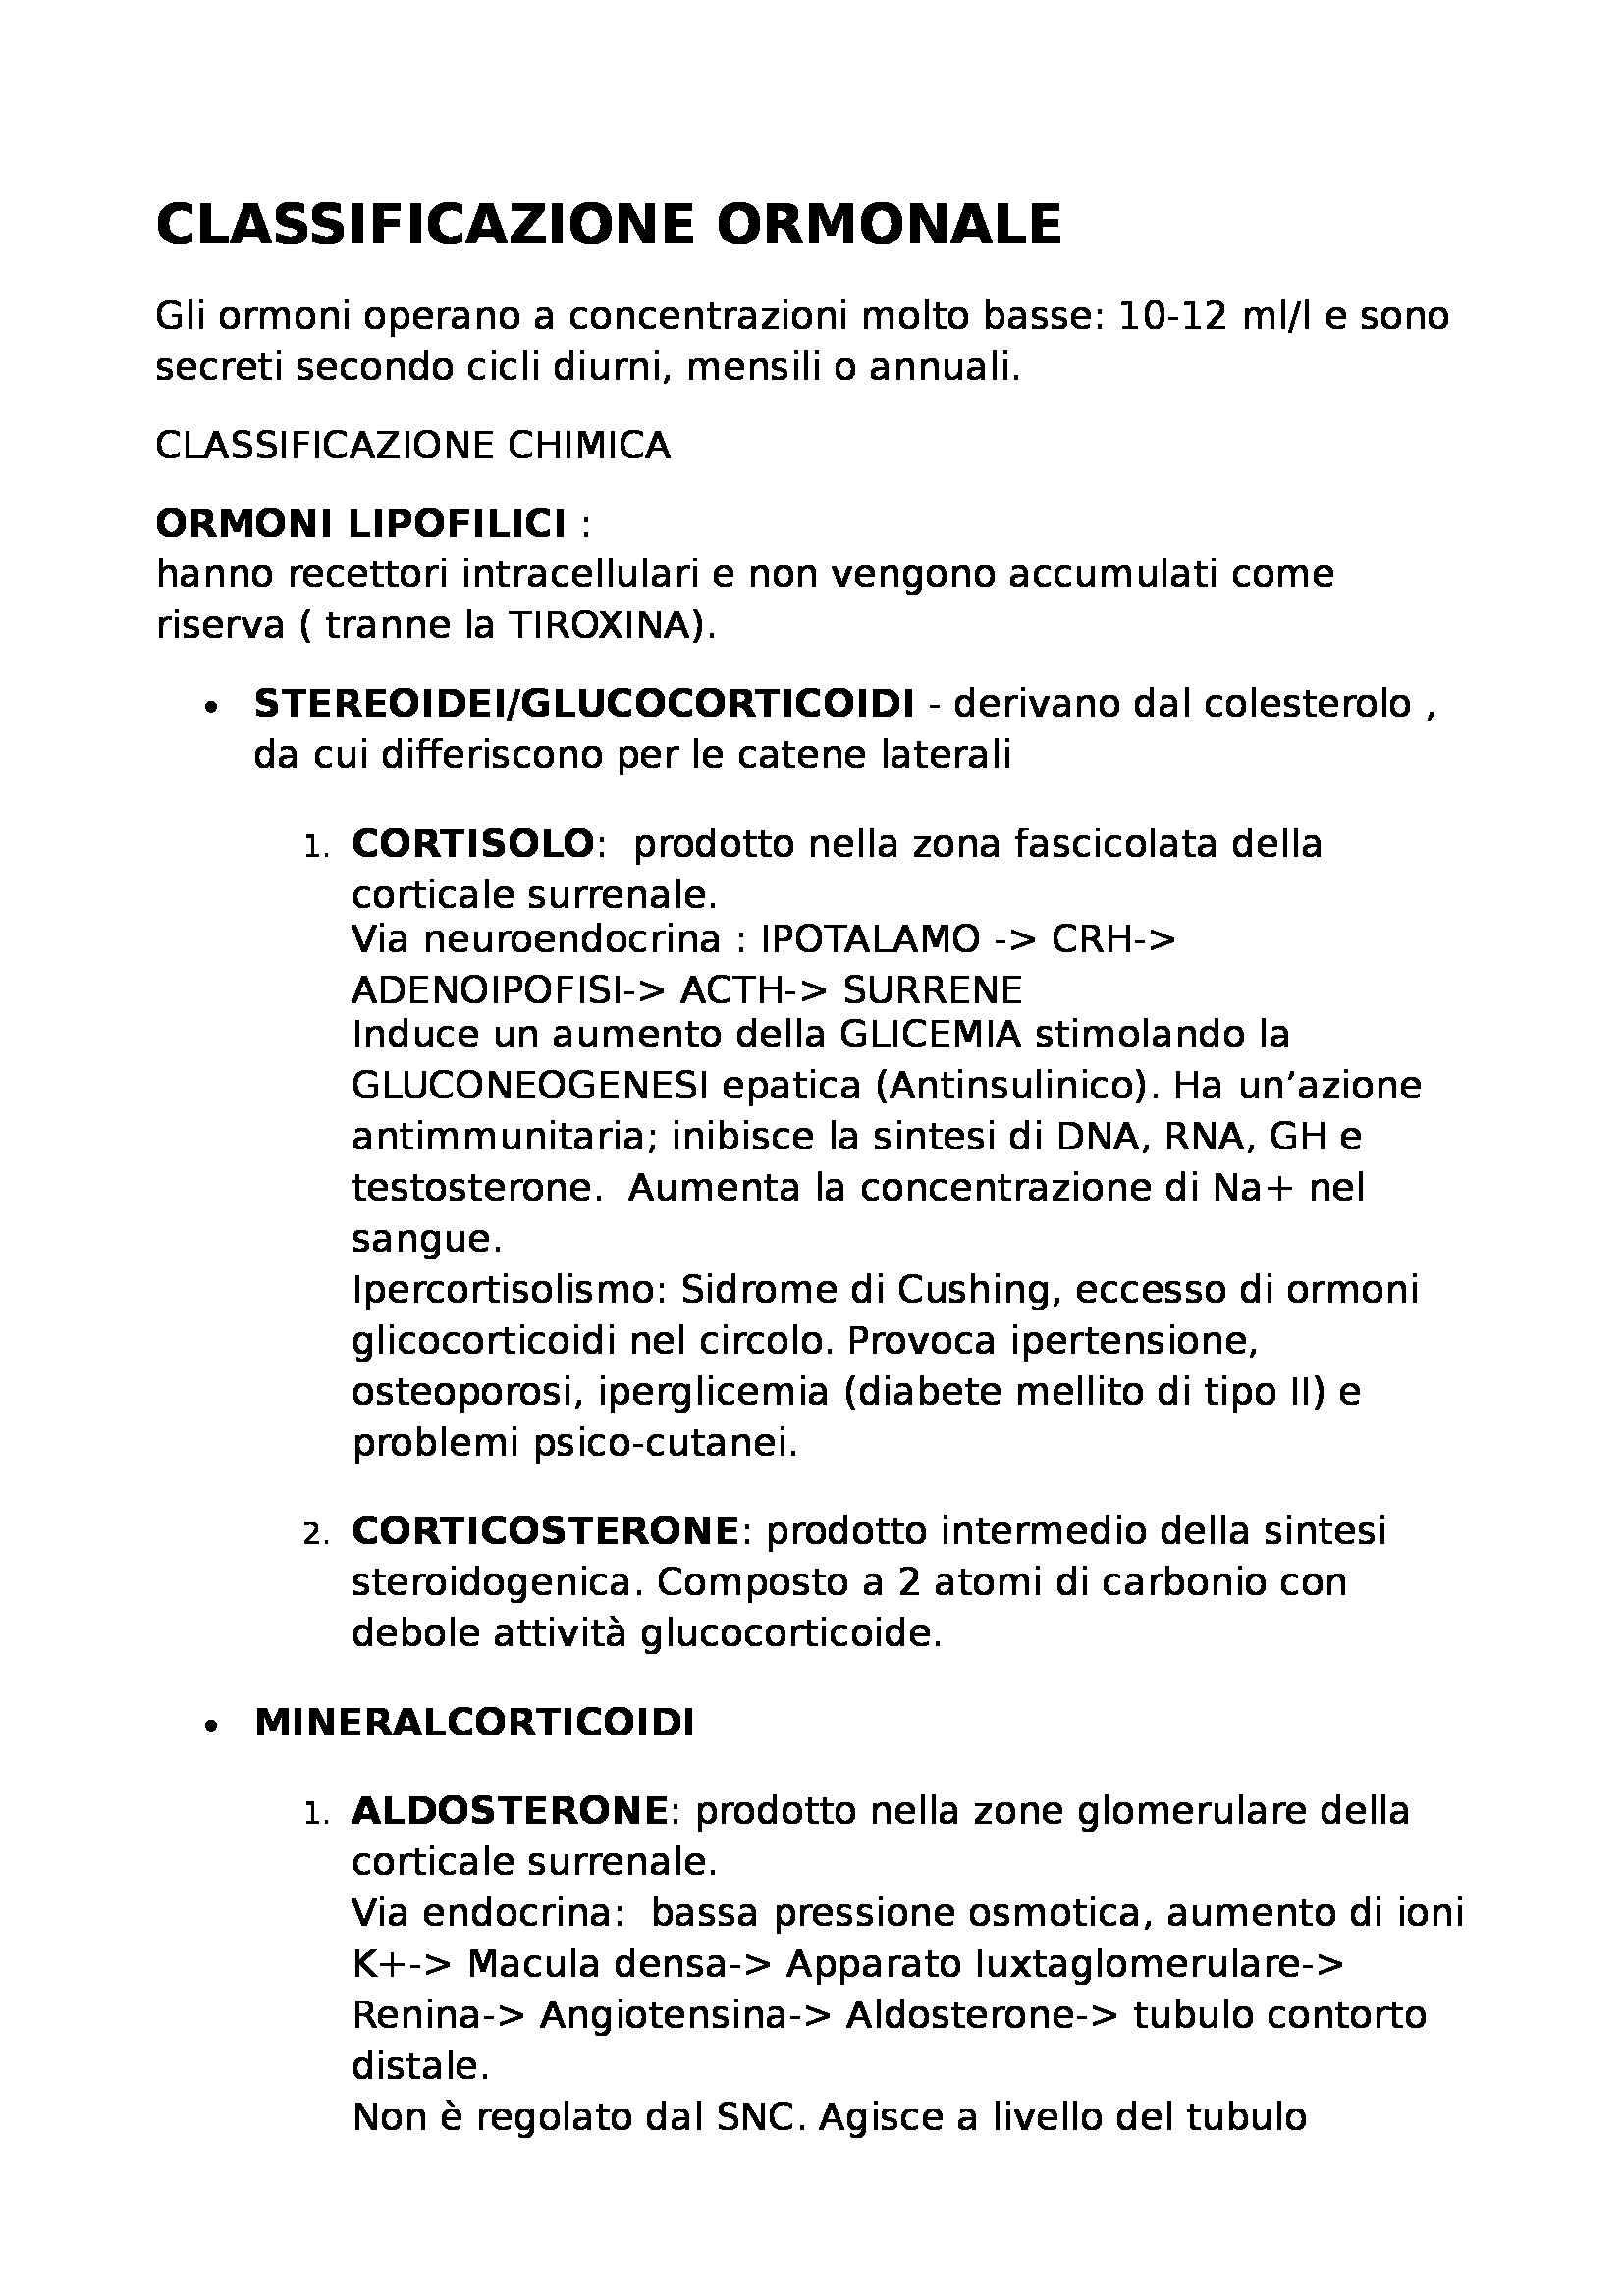 Fisiologia - classificazione degli ormoni dei test medicina